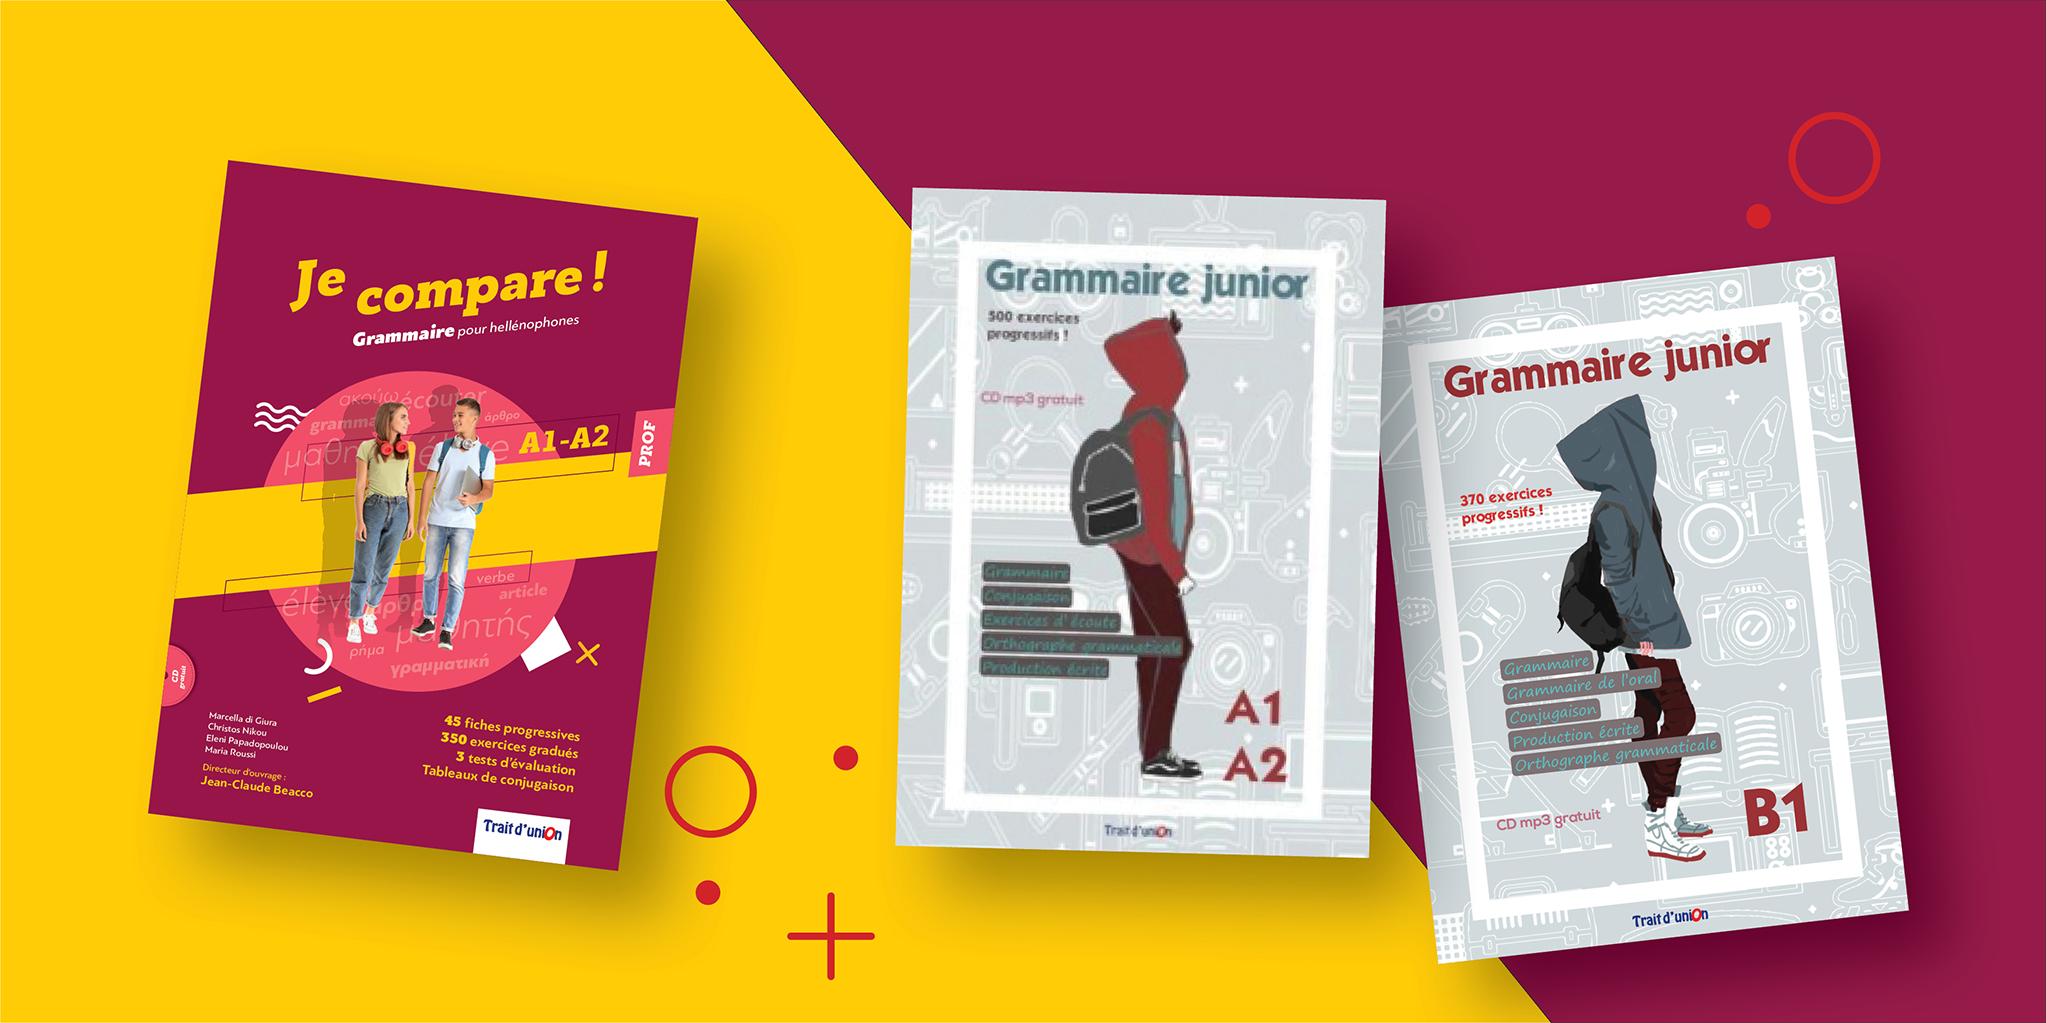 Grammaire junior - Je Compare